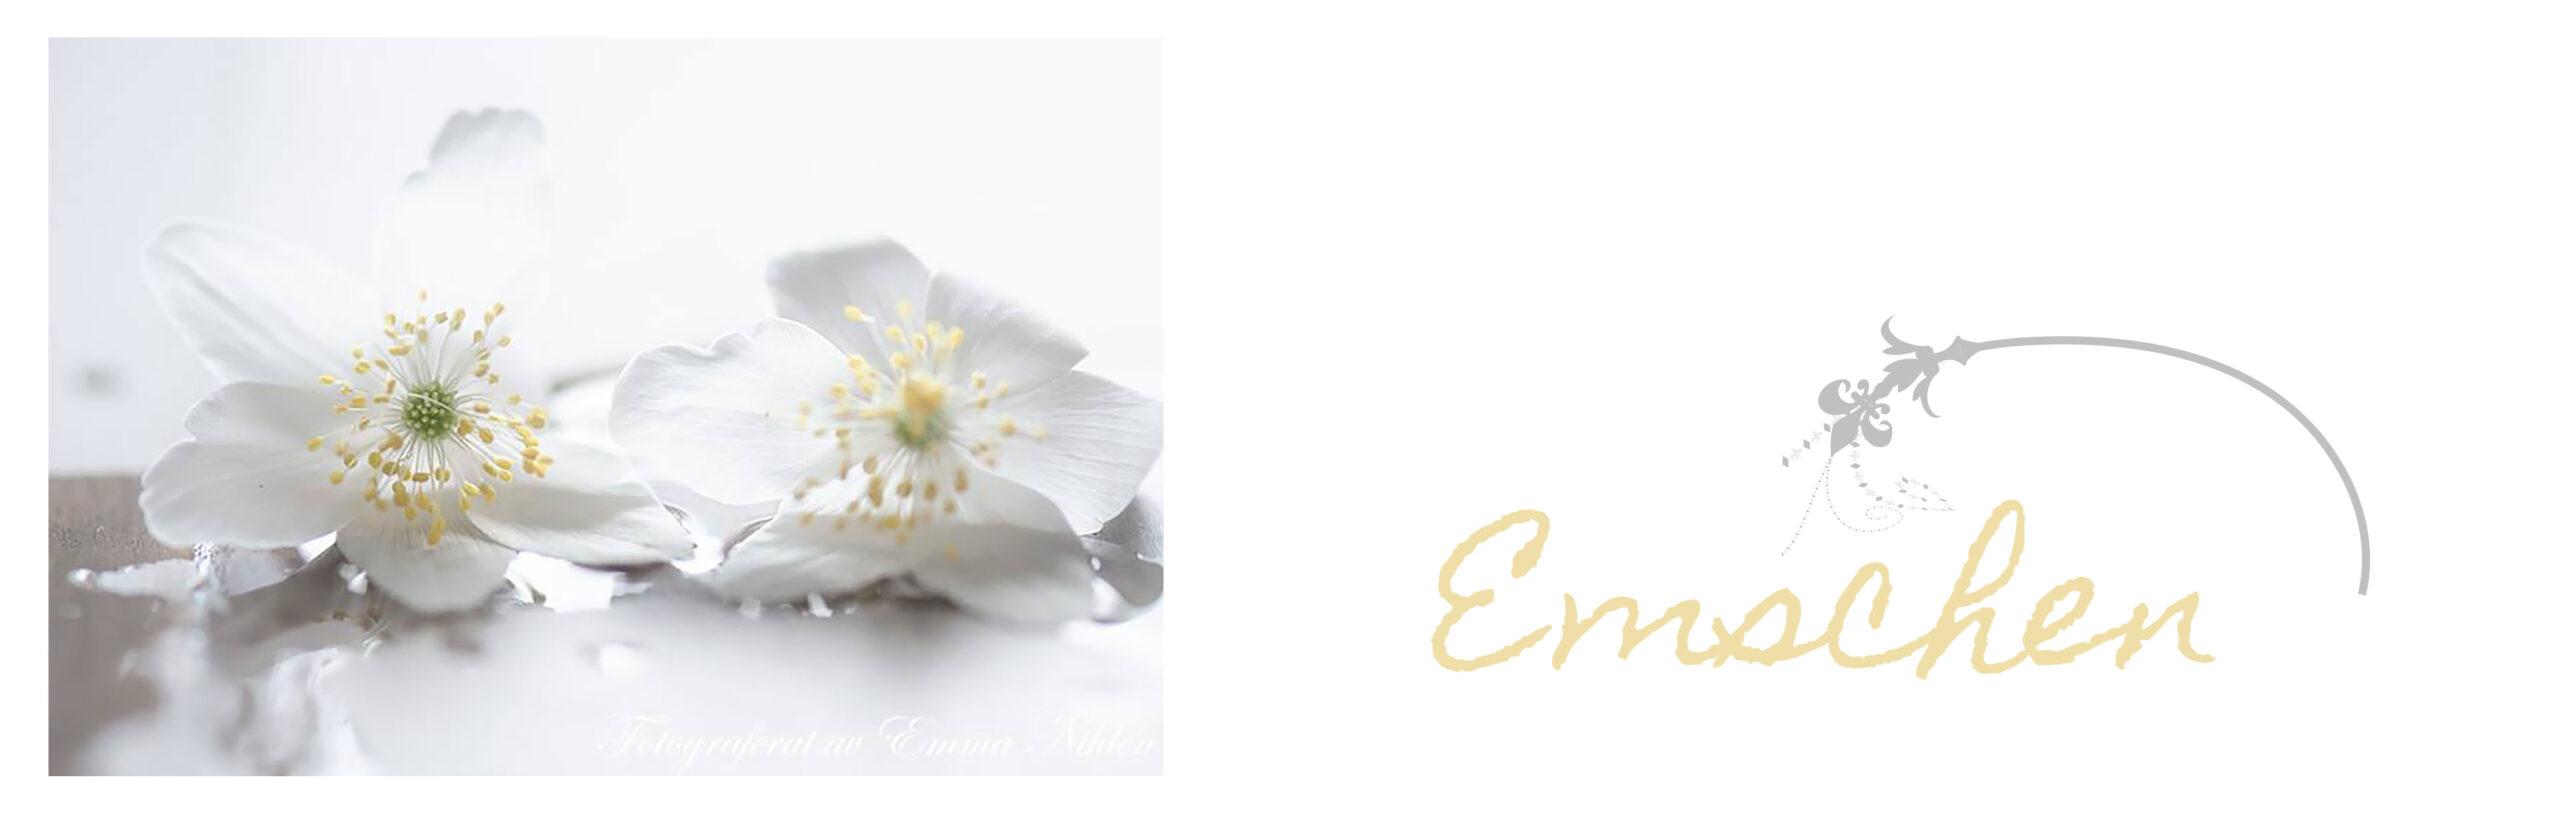 Emschen